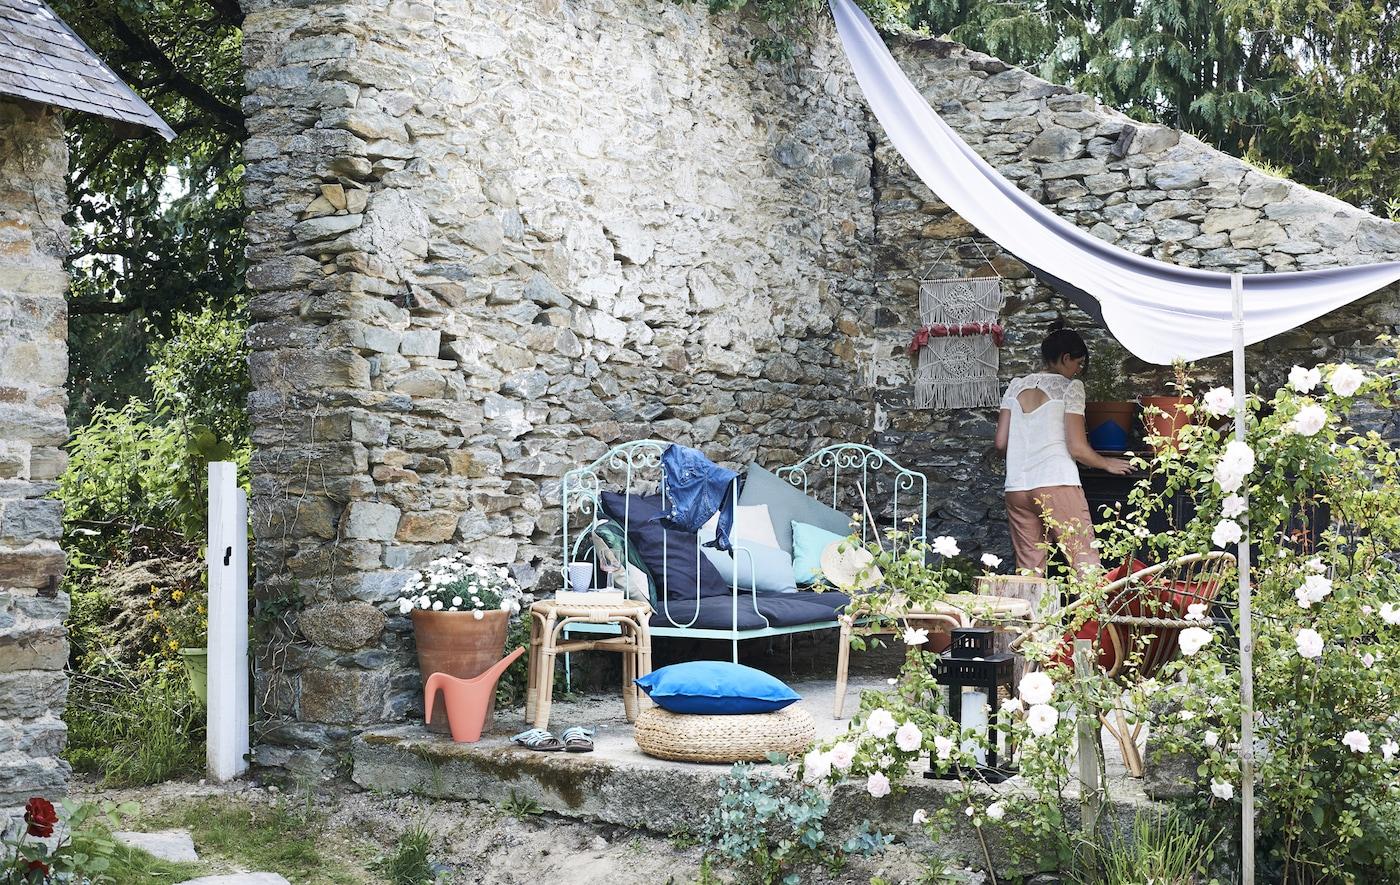 带围墙的花园里,摆放着凳子、椅子和配备有彩色靠垫的边桌。